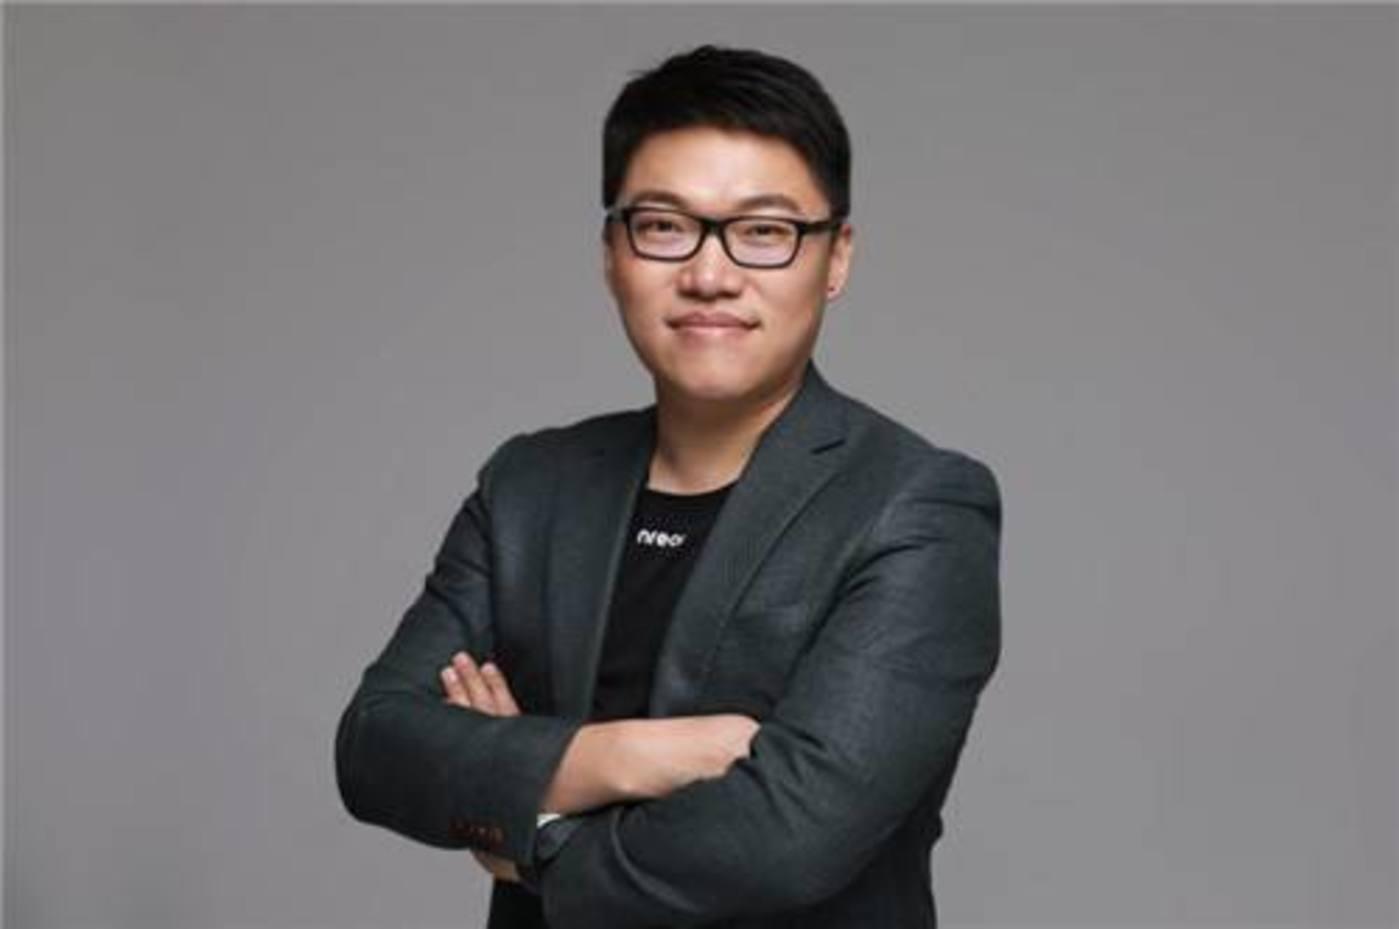 nreal 创始人兼CEO 徐驰